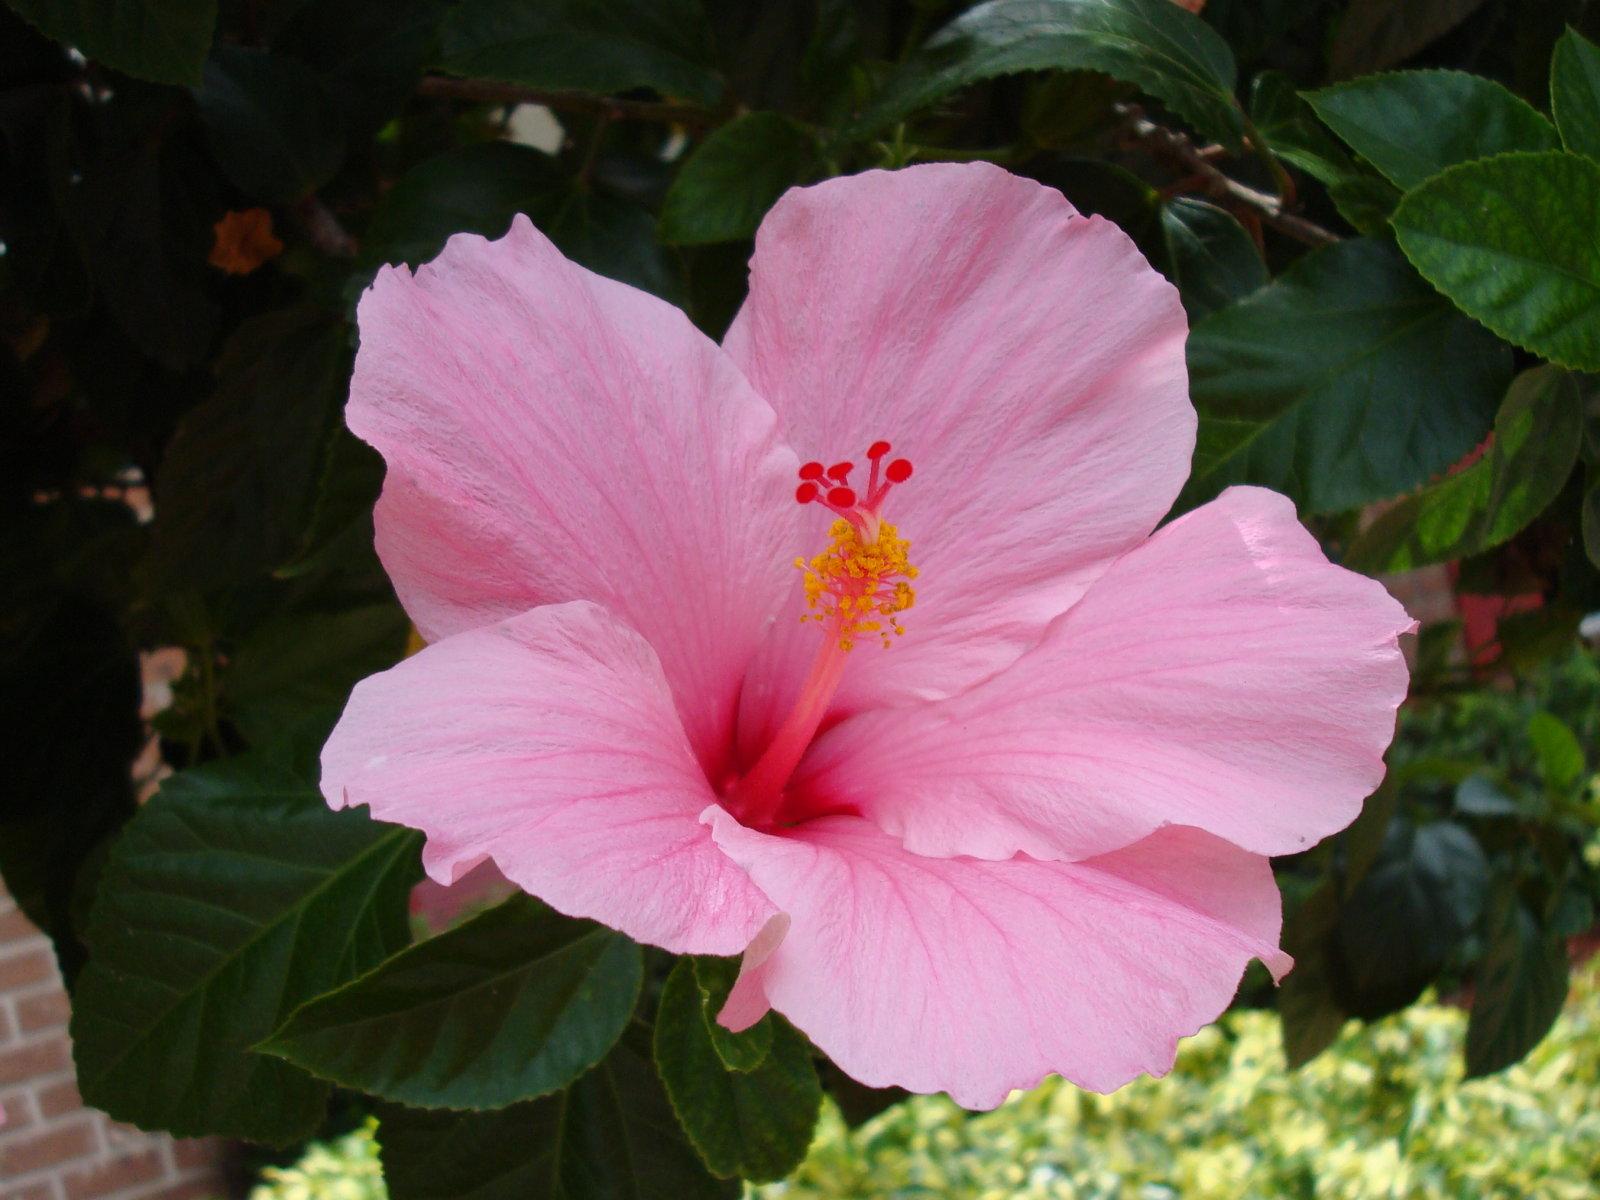 une plante -ajonc  - 13 février trouvée par Jovany Hibiscus-pink-flower-dsc01205